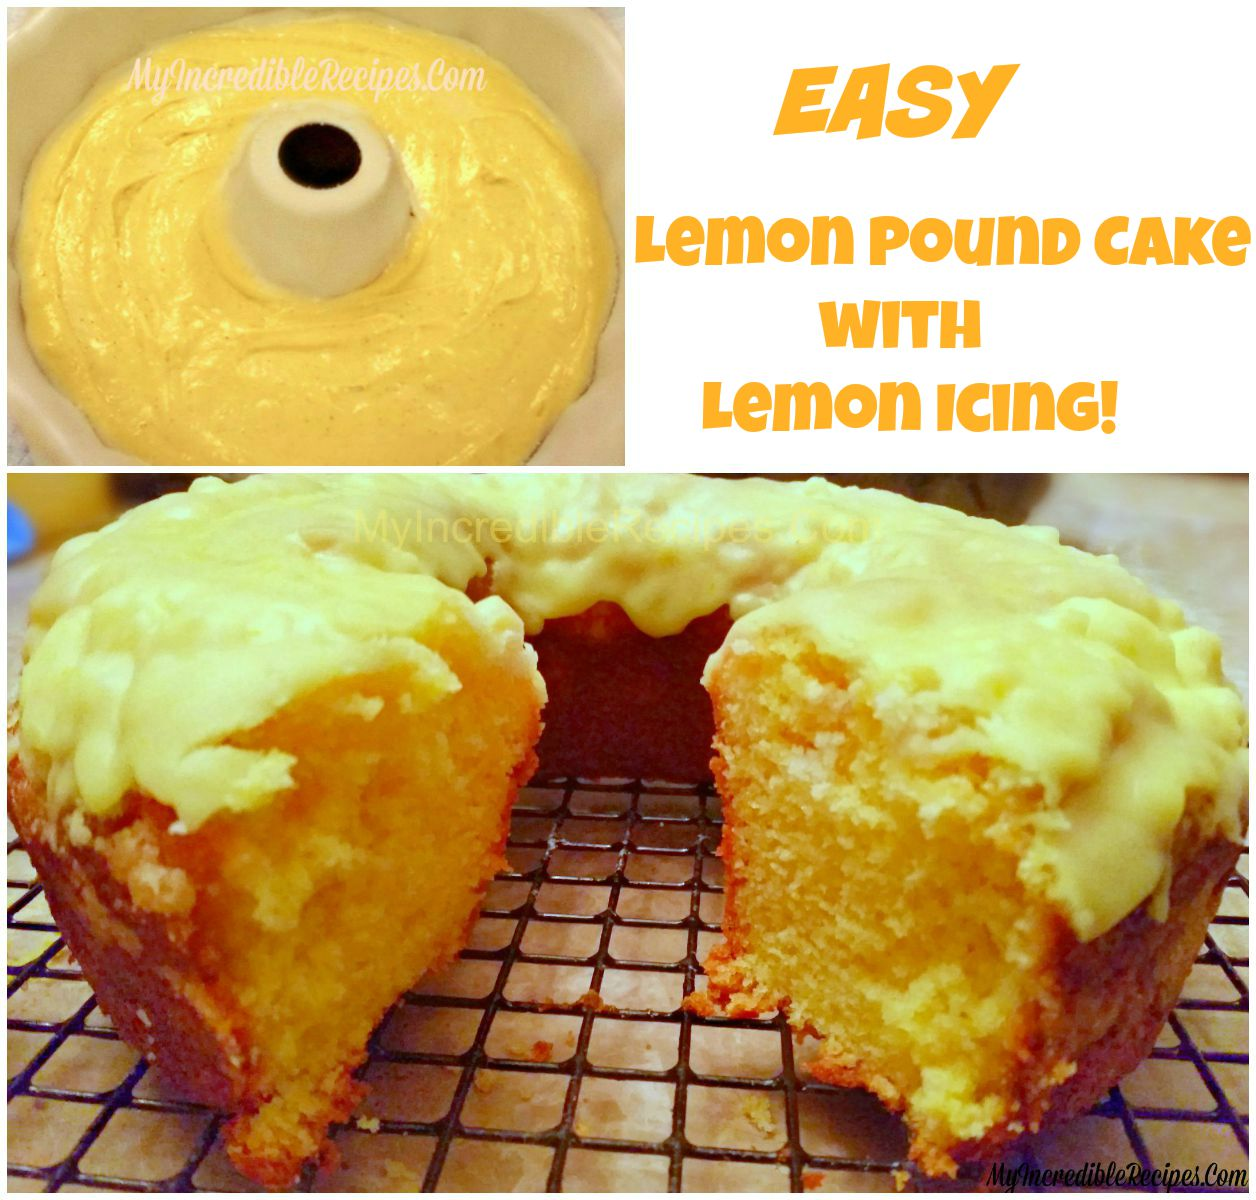 Easy Lemon Pound Cake With Lemon Icing